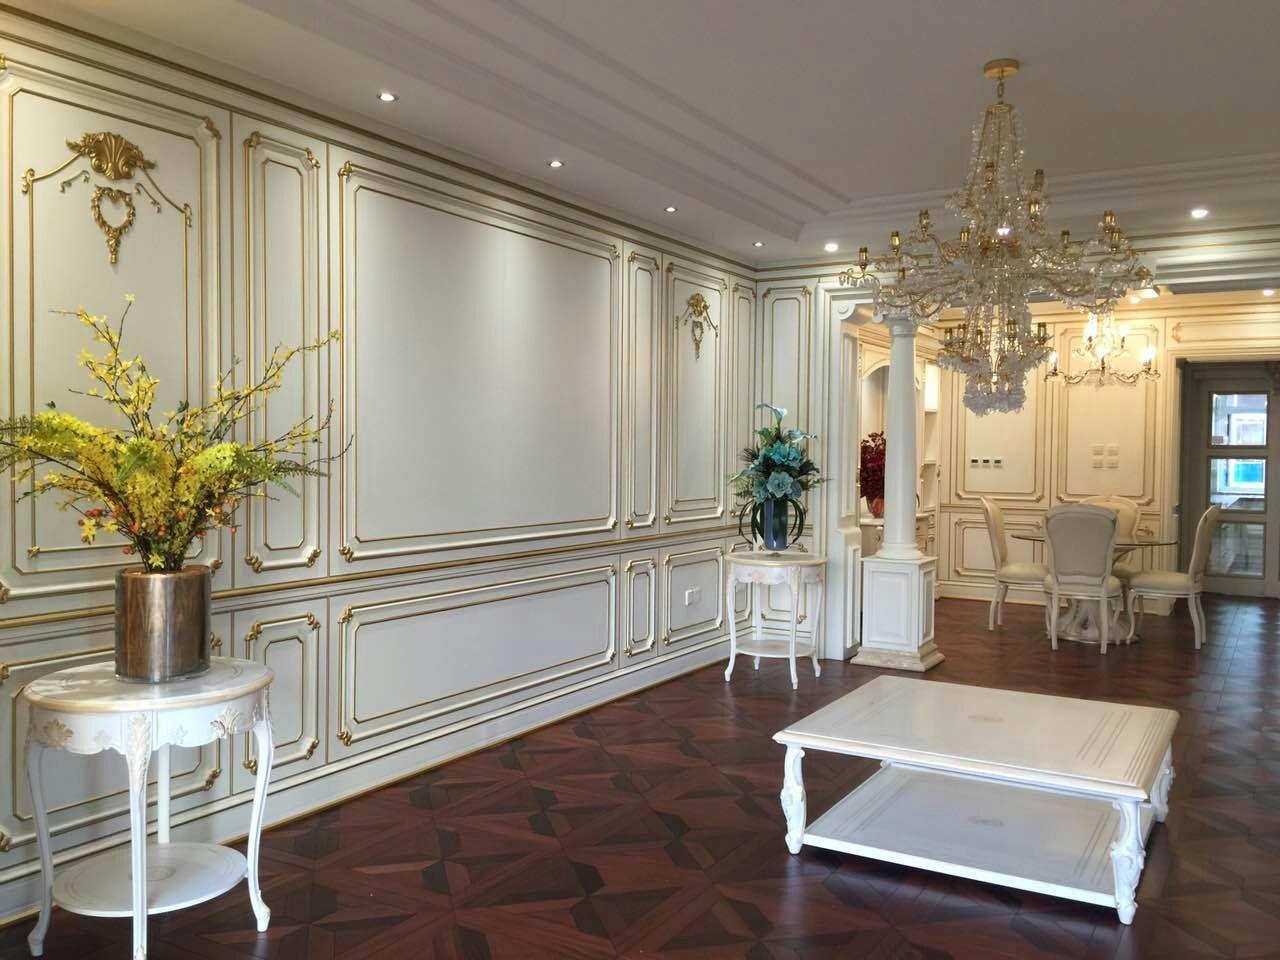 三居 白领 法式 奢华 新古典图片来自玛格全屋定制在法式新古典的分享